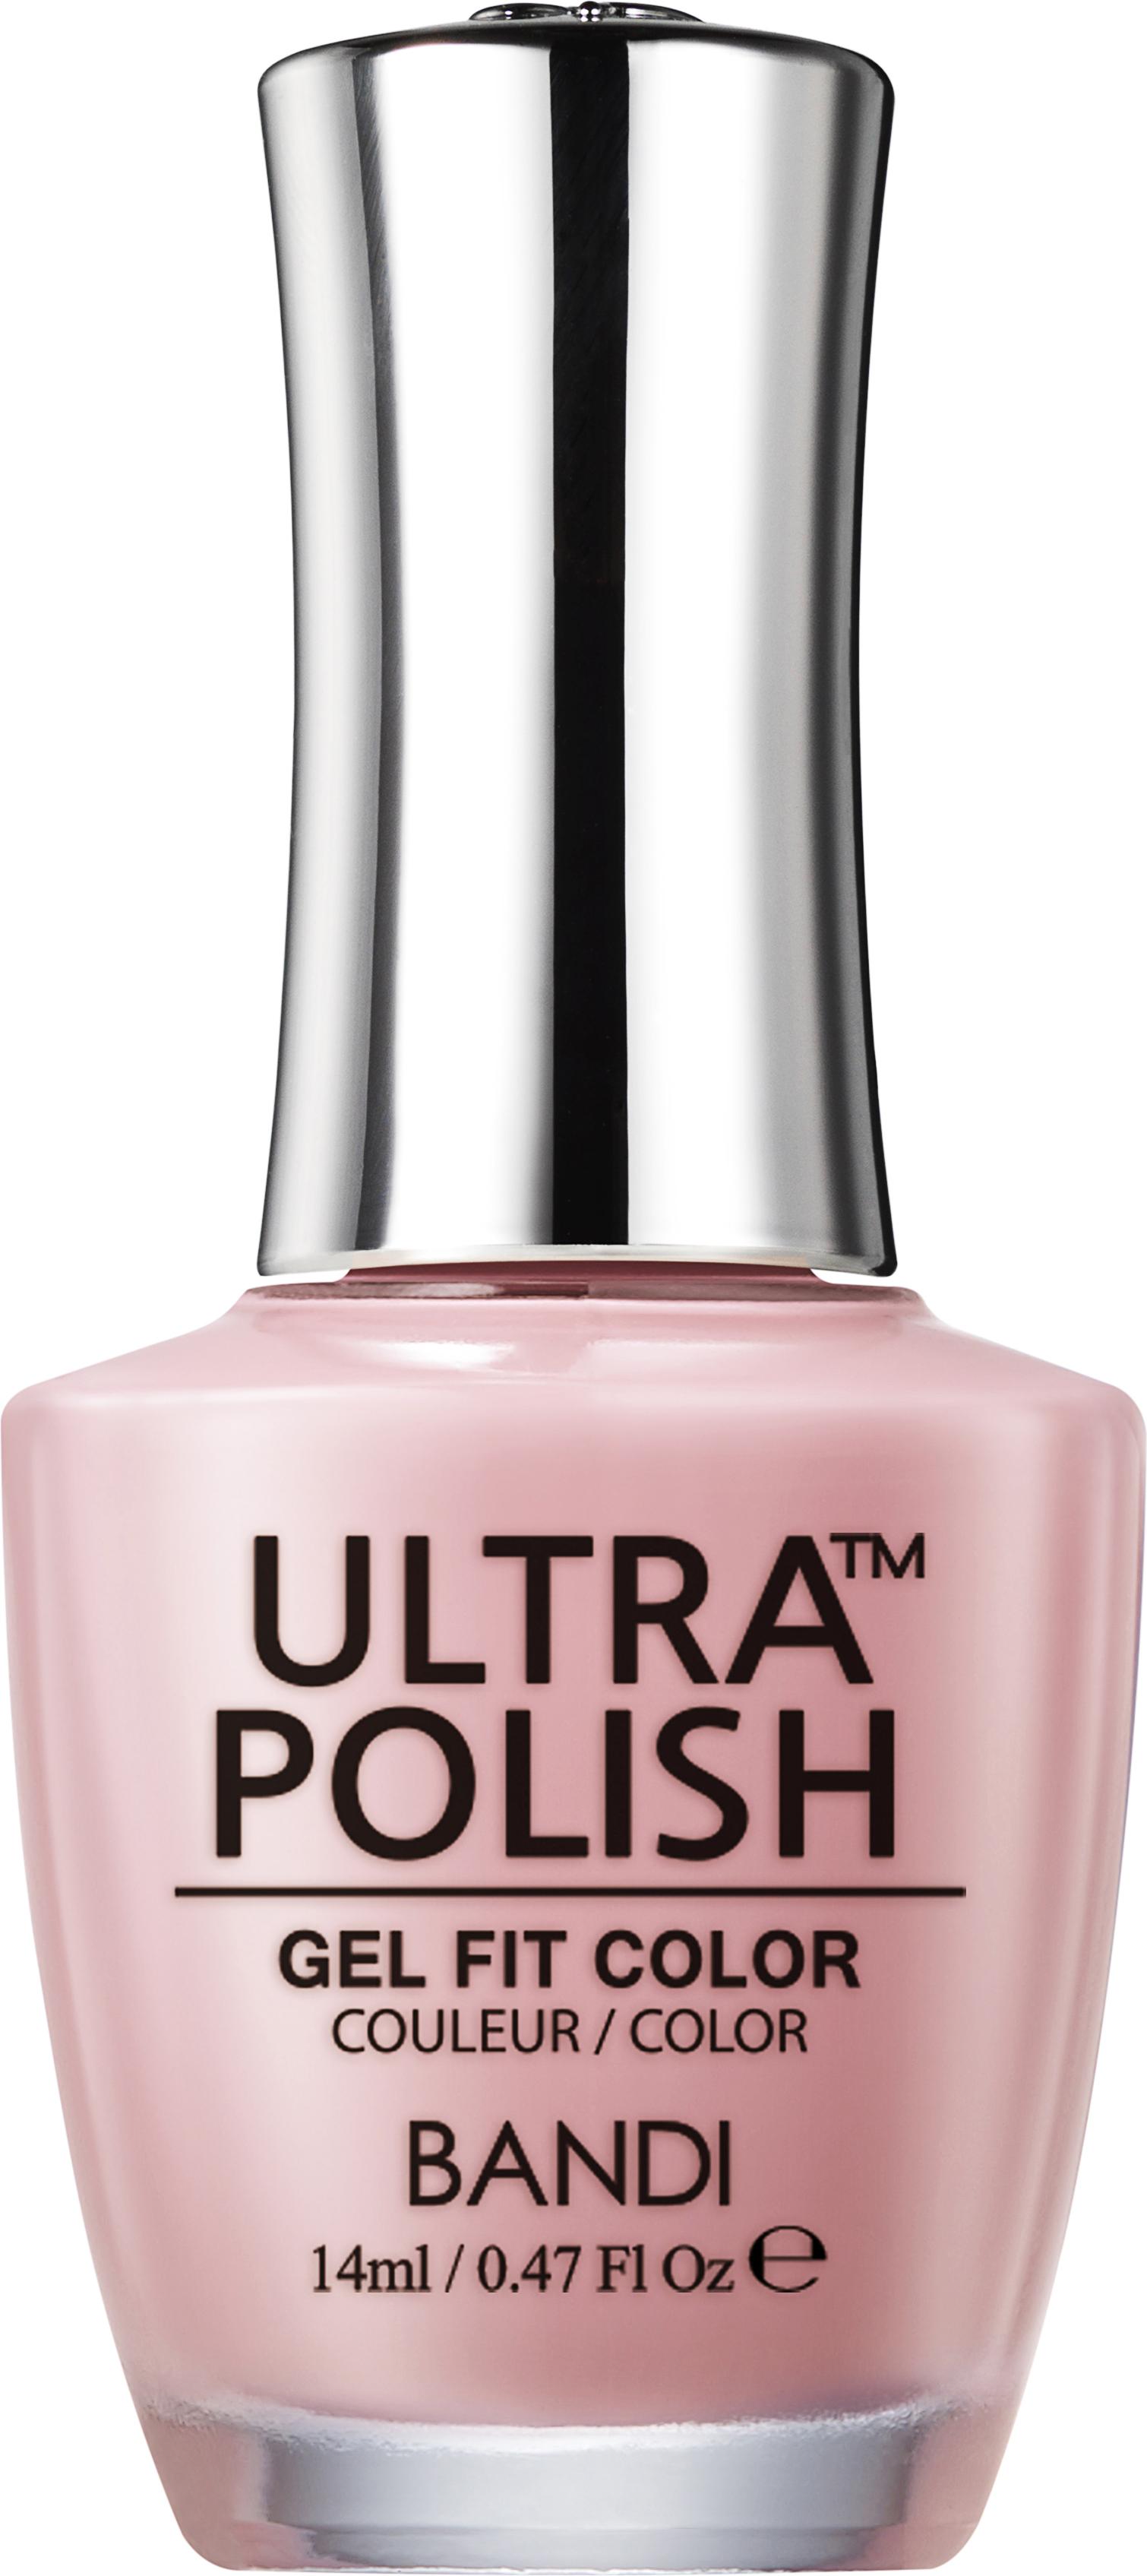 BANDI UP103 ультра-покрытие долговременное цветное для ногтей / ULTRA POLISH GEL FIT COLOR 14 мл фото